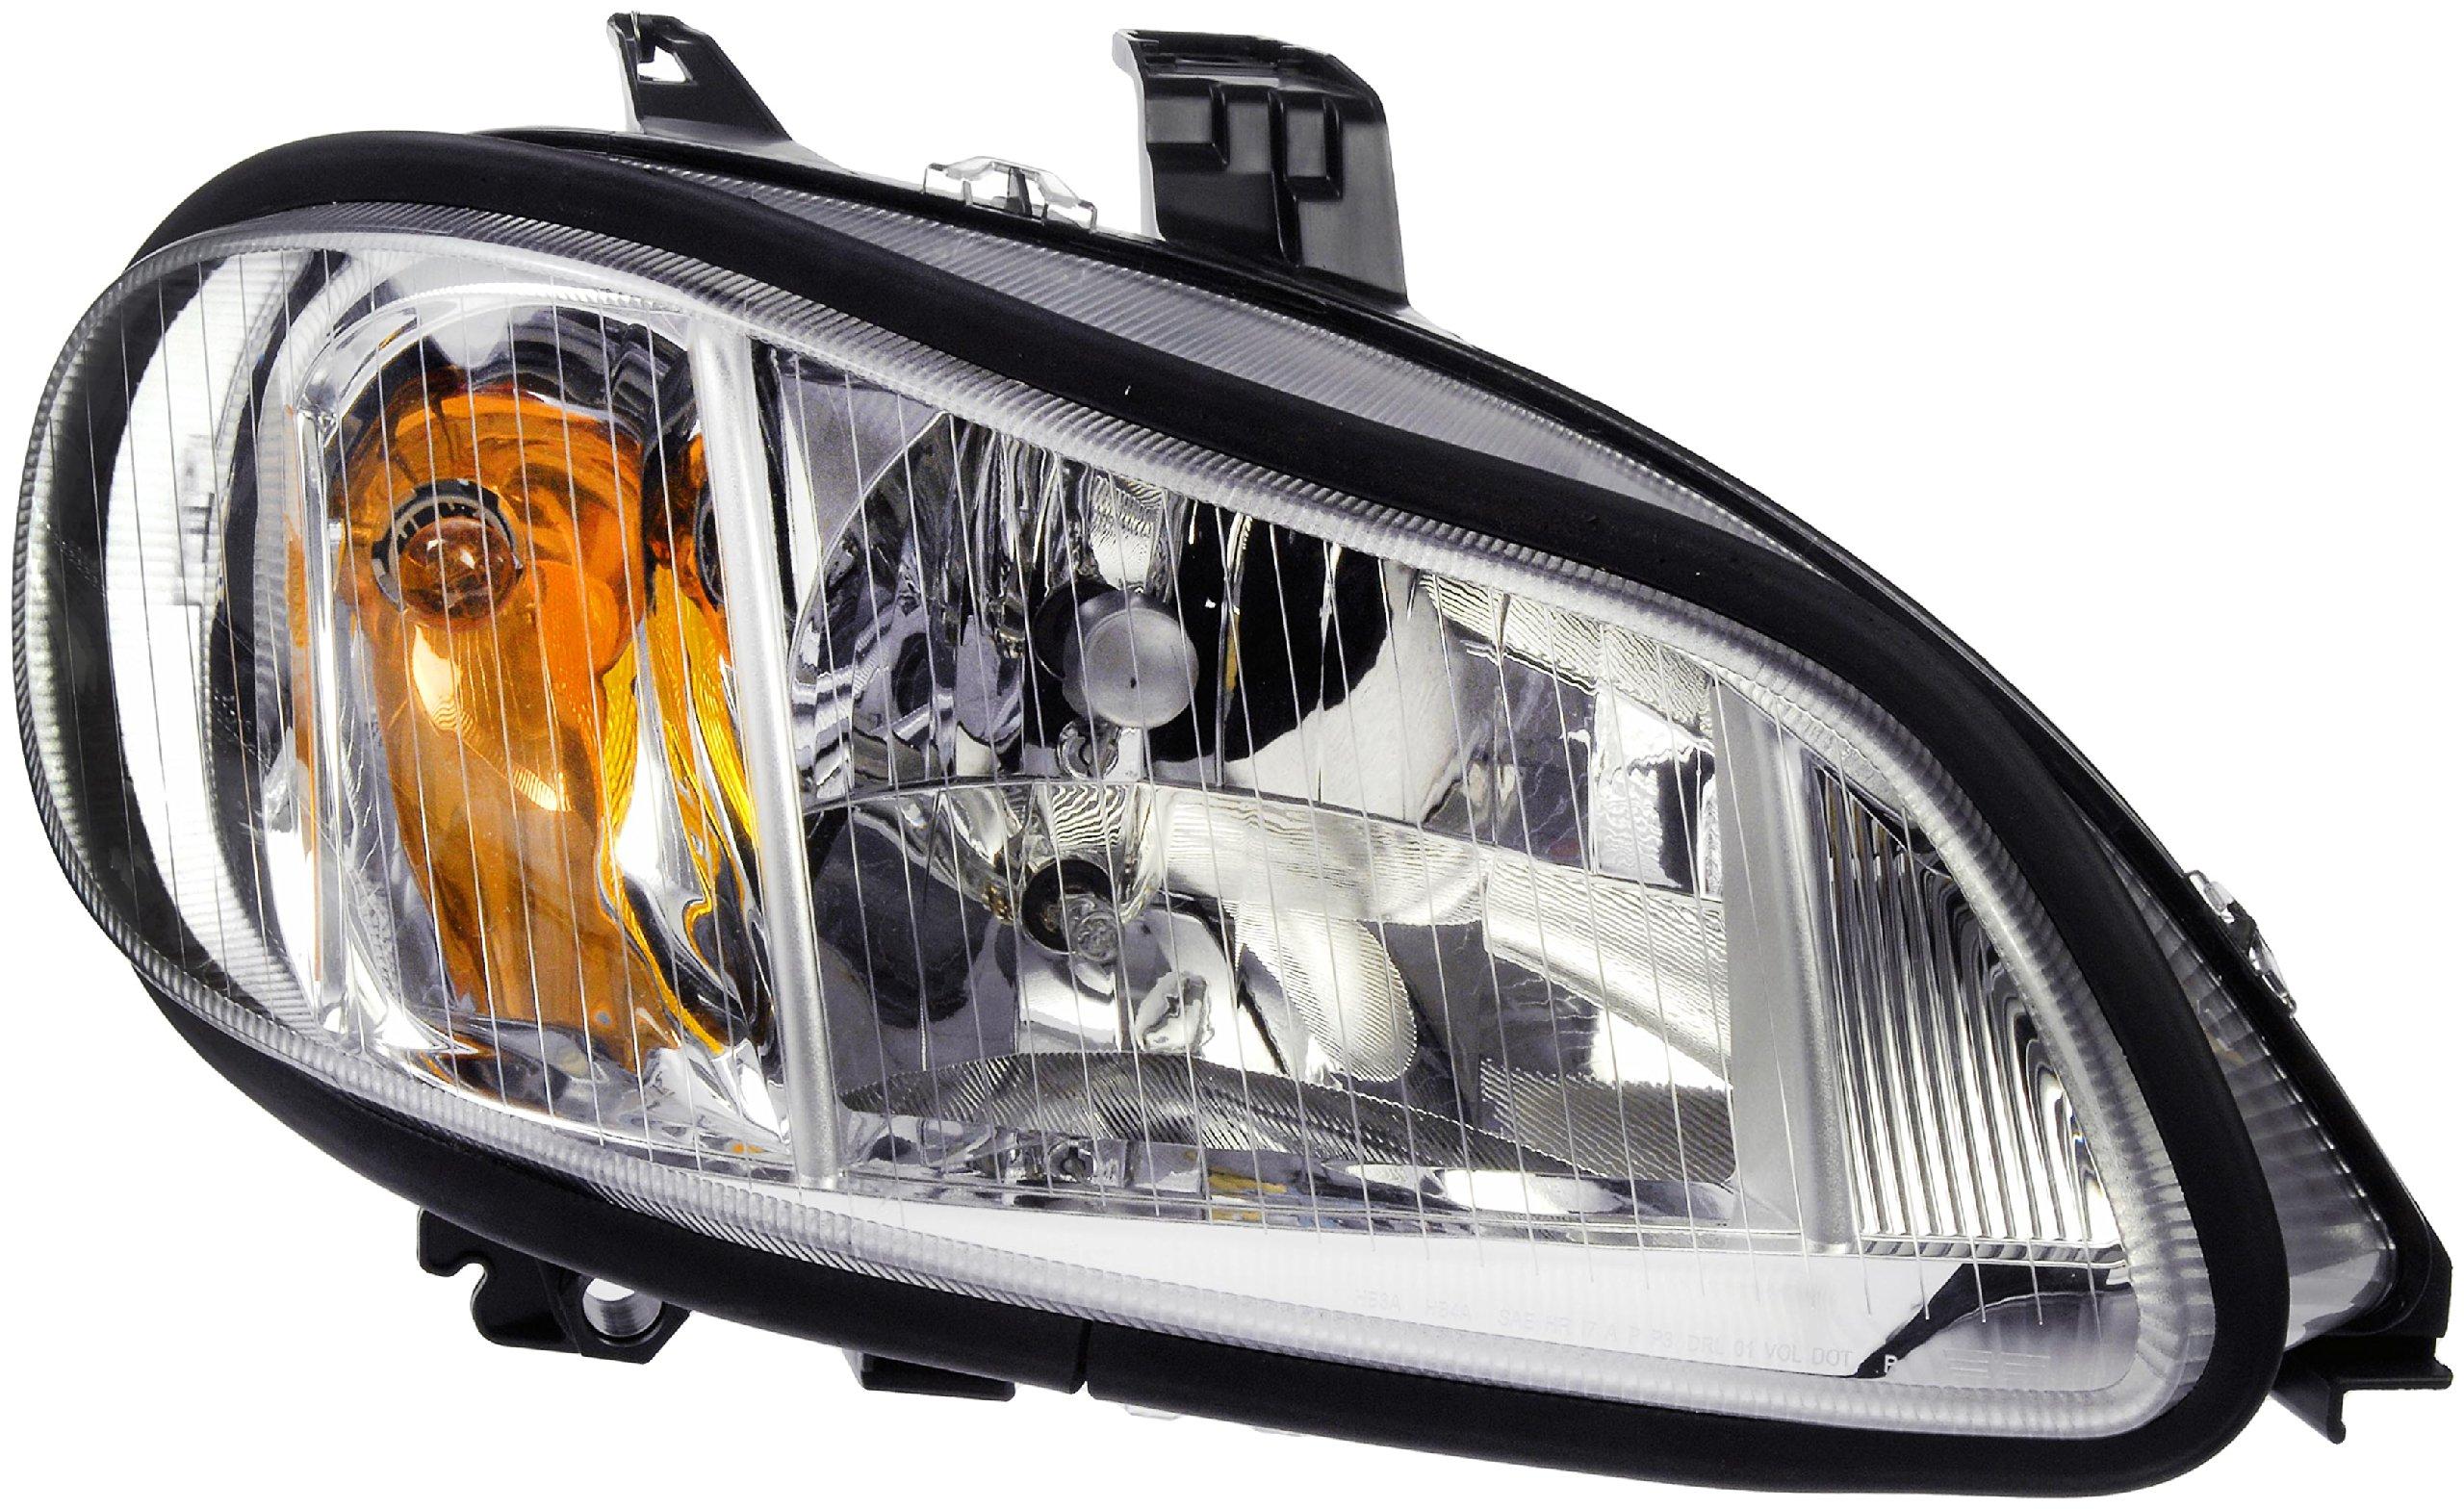 Dorman 888-5203 Passenger Side Headlight Assembly For Select Freightliner/Thomas Models by Dorman